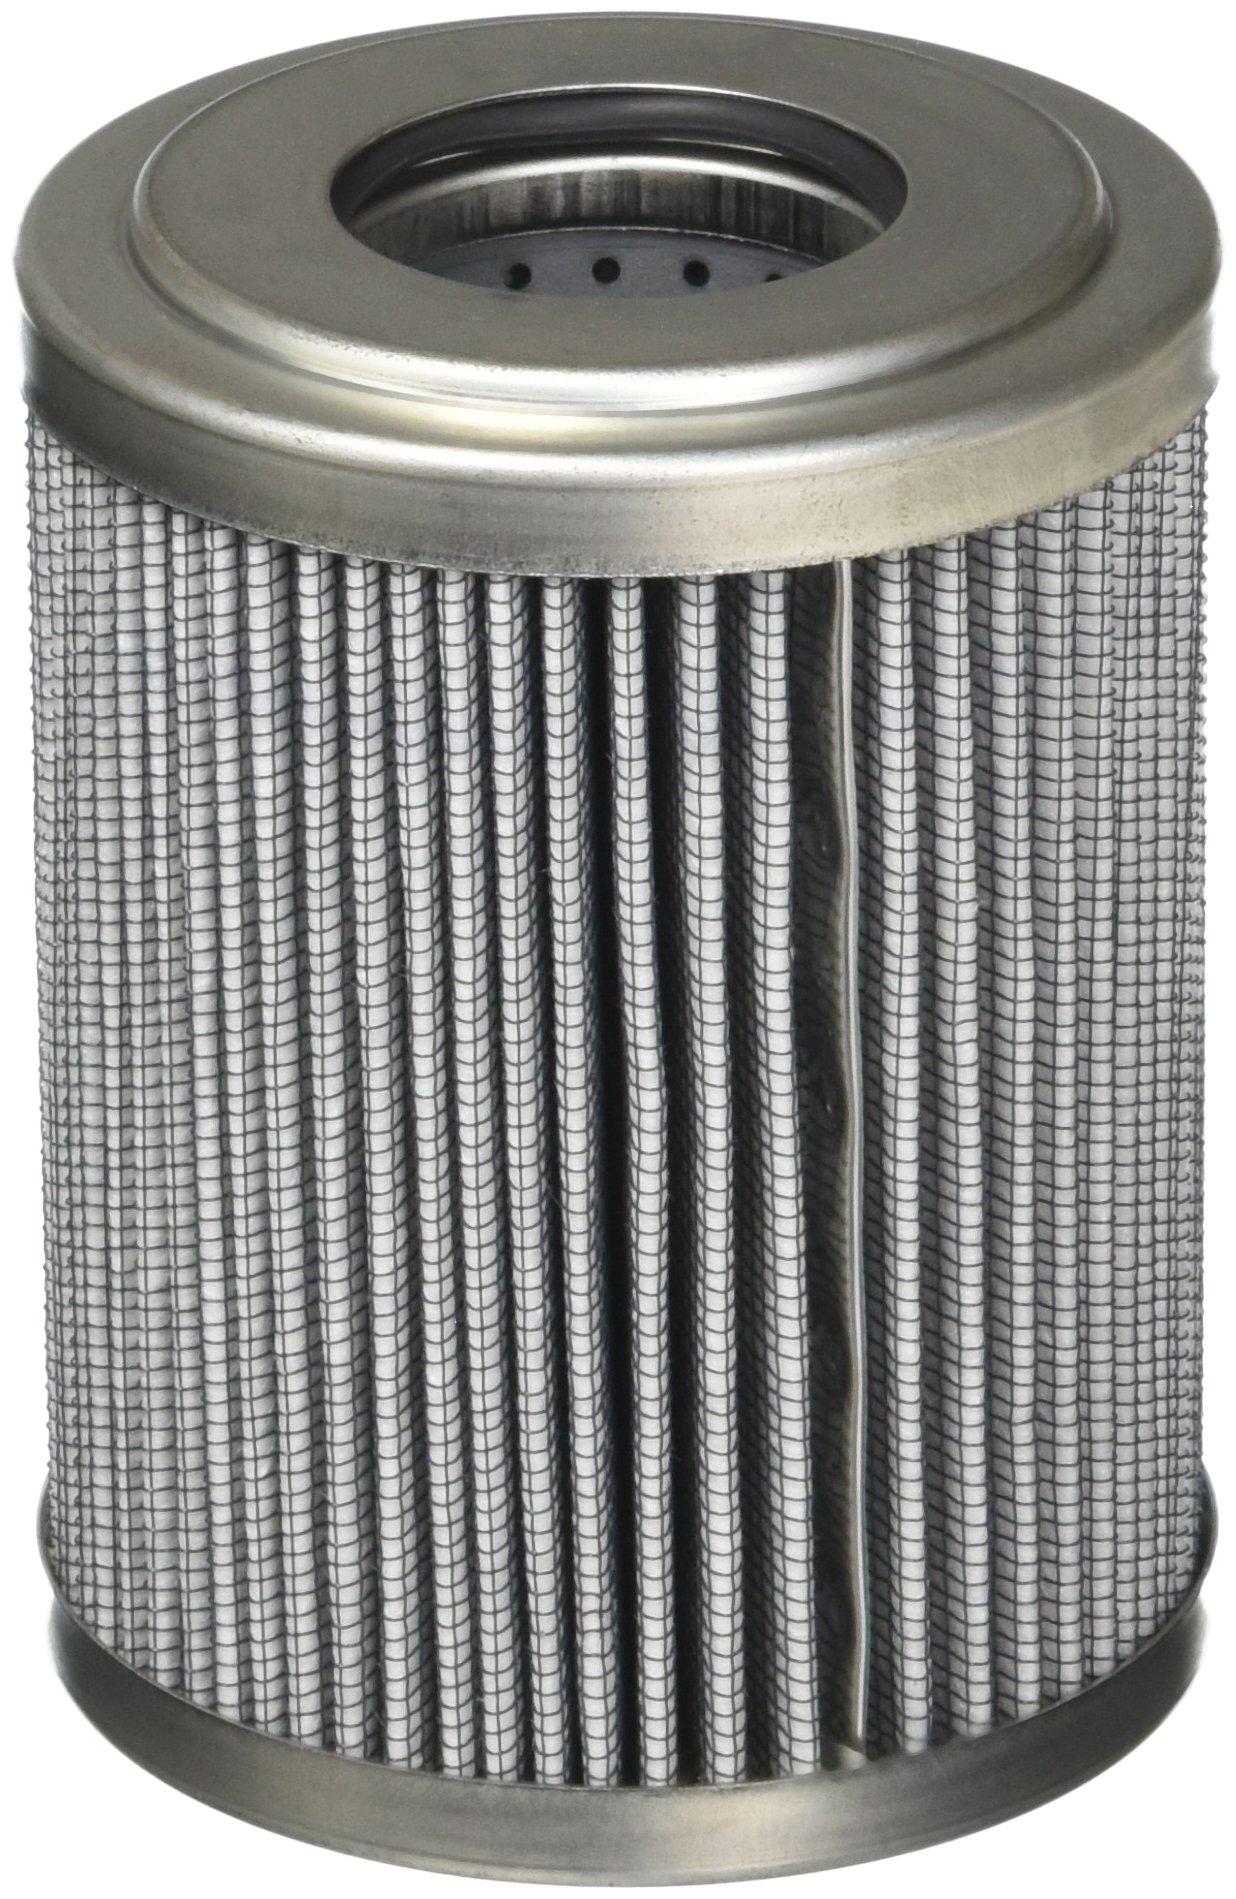 Baldwin Heavy Duty PT9416-MPG KIT Hydraulic Filter,3-7/32 x 4-3/16 In